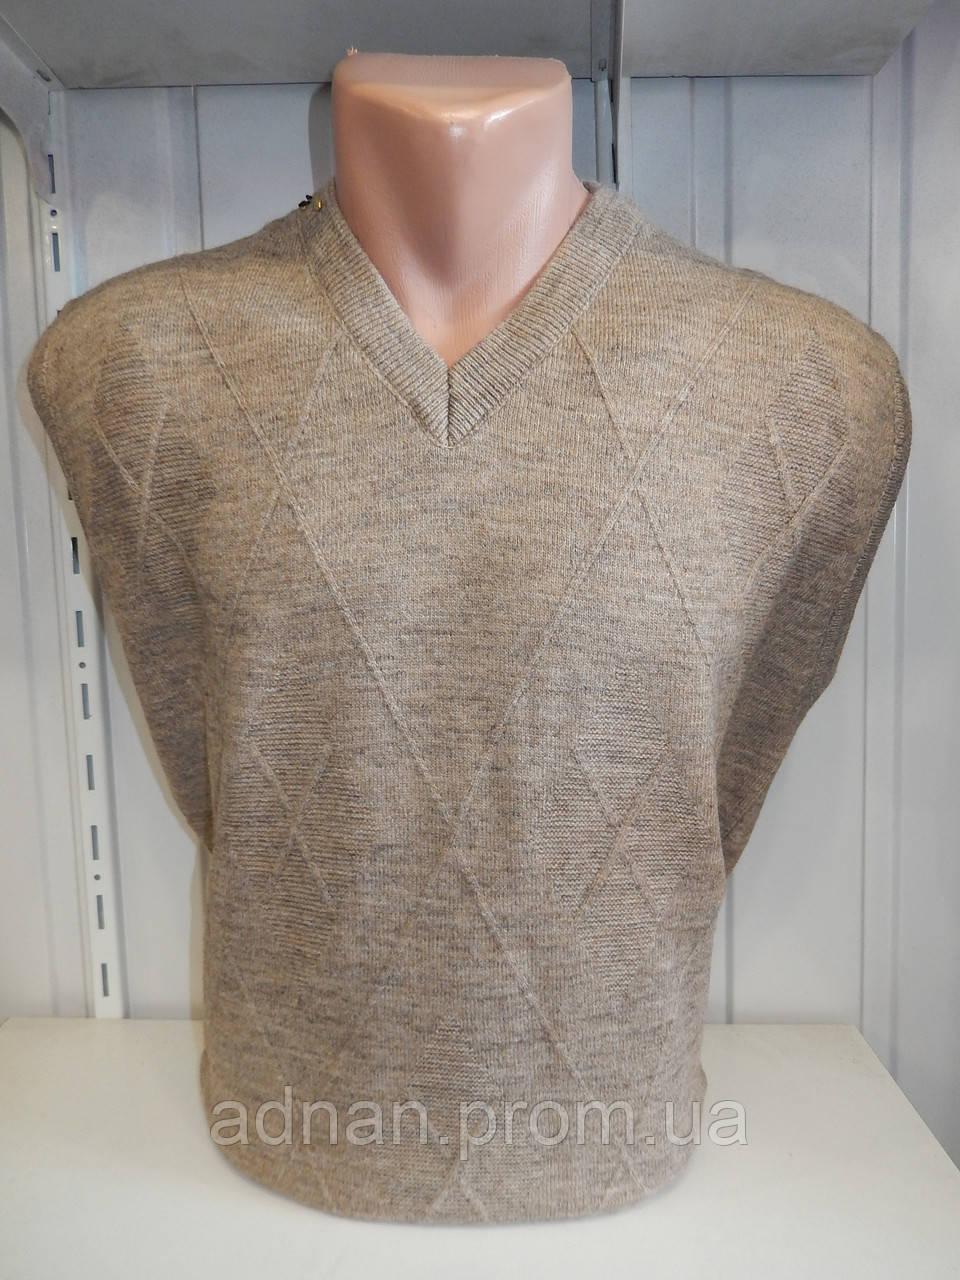 Жилетка мужская COLORBAR, узор на фото 001/ купиь свитер мужской оптом